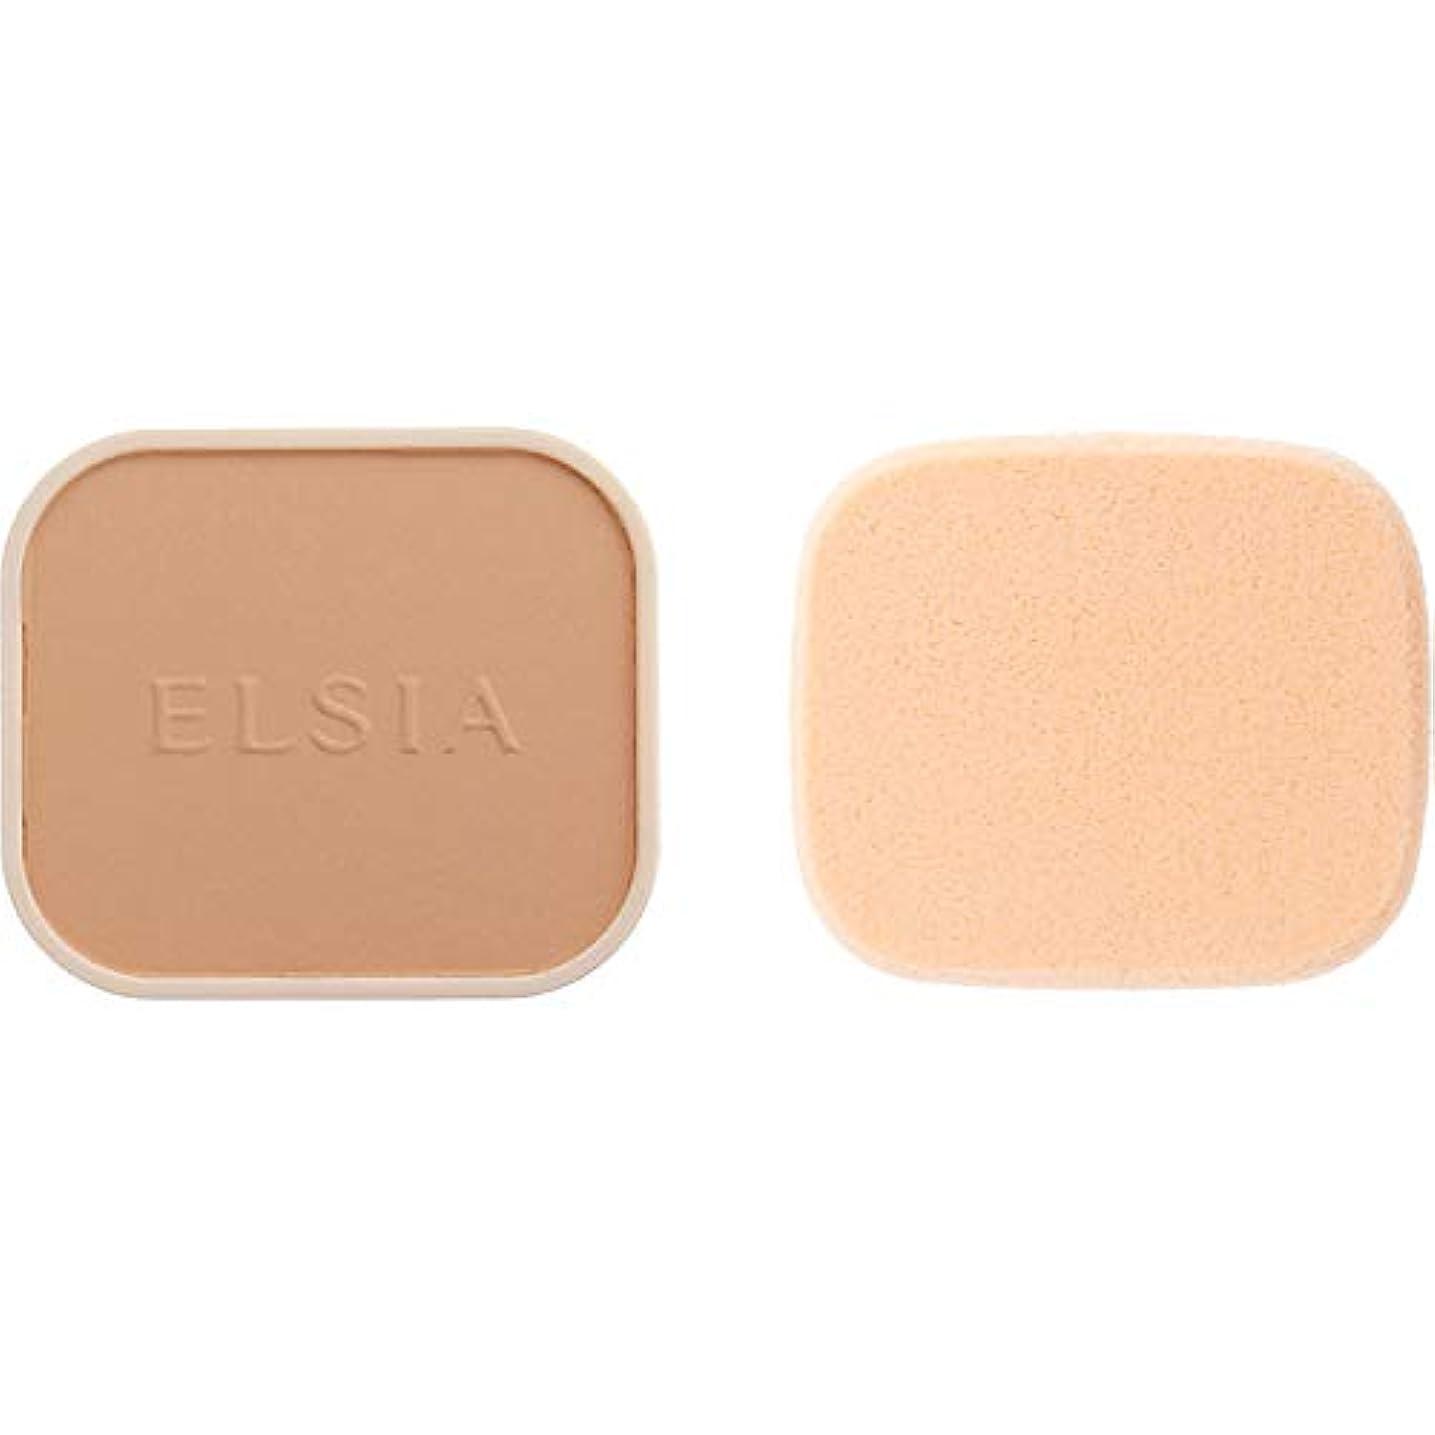 。論理的の面ではエルシア プラチナム 化粧のり良好 モイストファンデーション(レフィル) オークル 410 9.3g